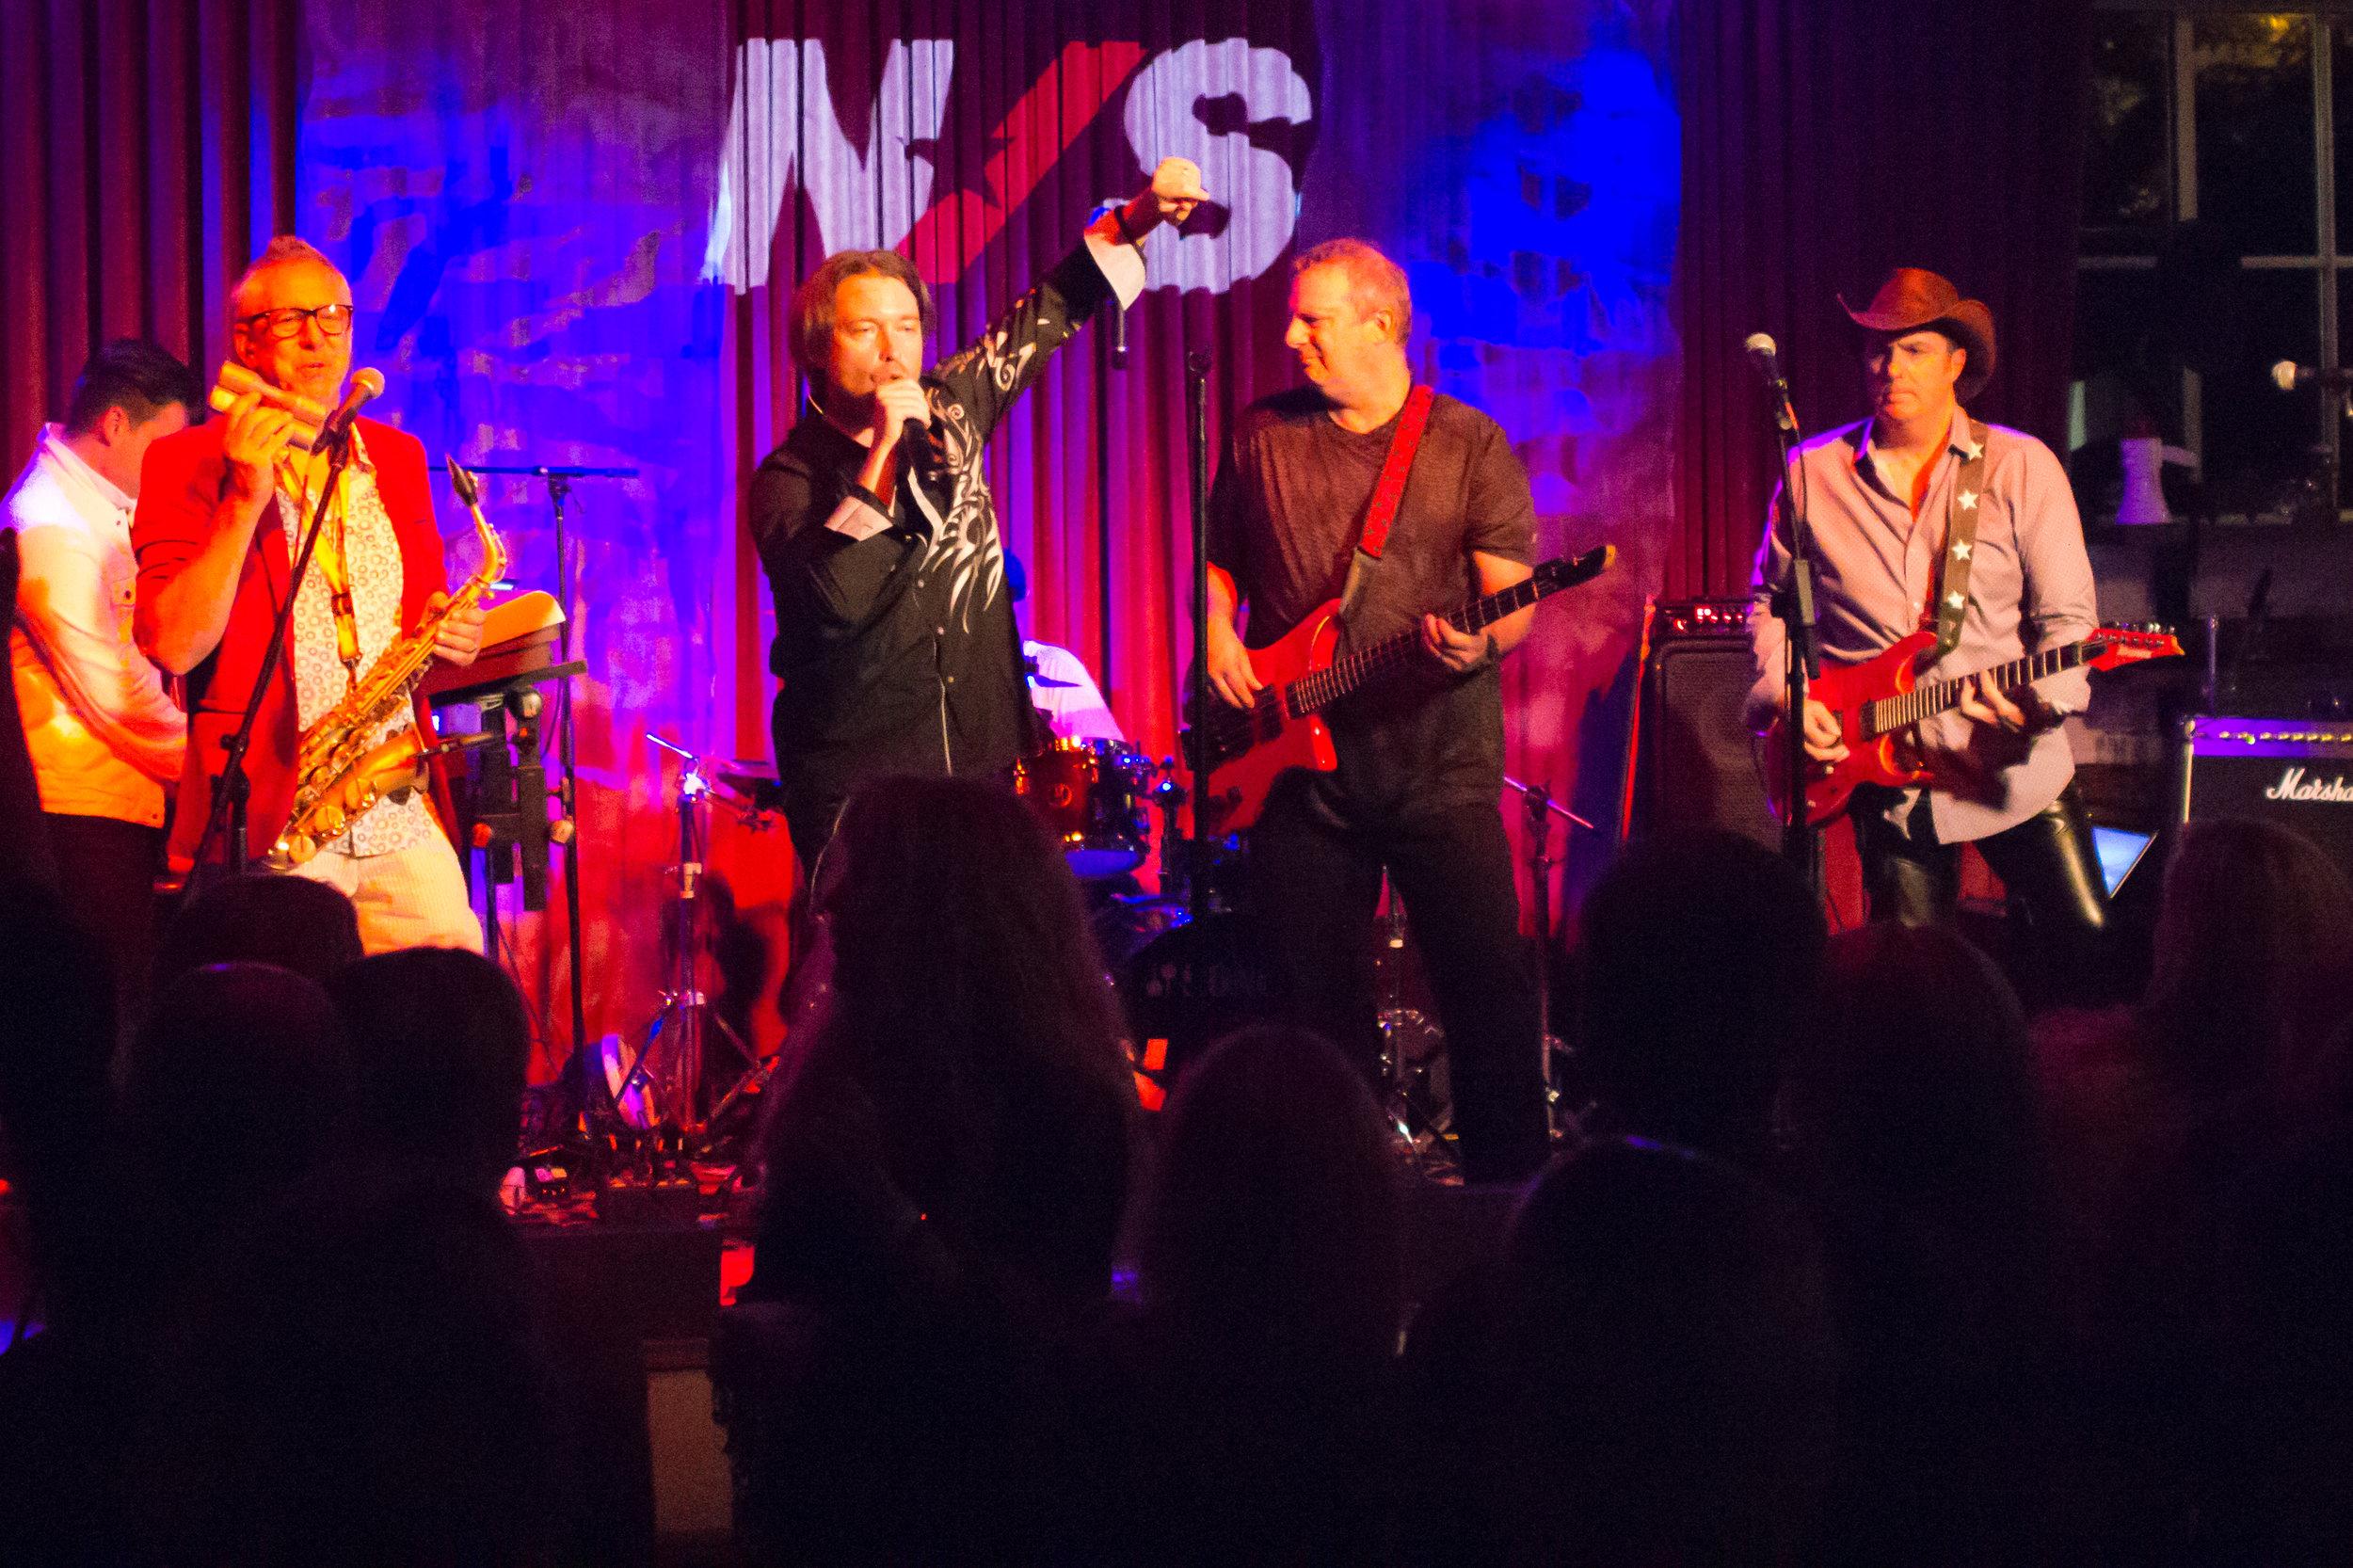 2017 live at Venkman's in ATL